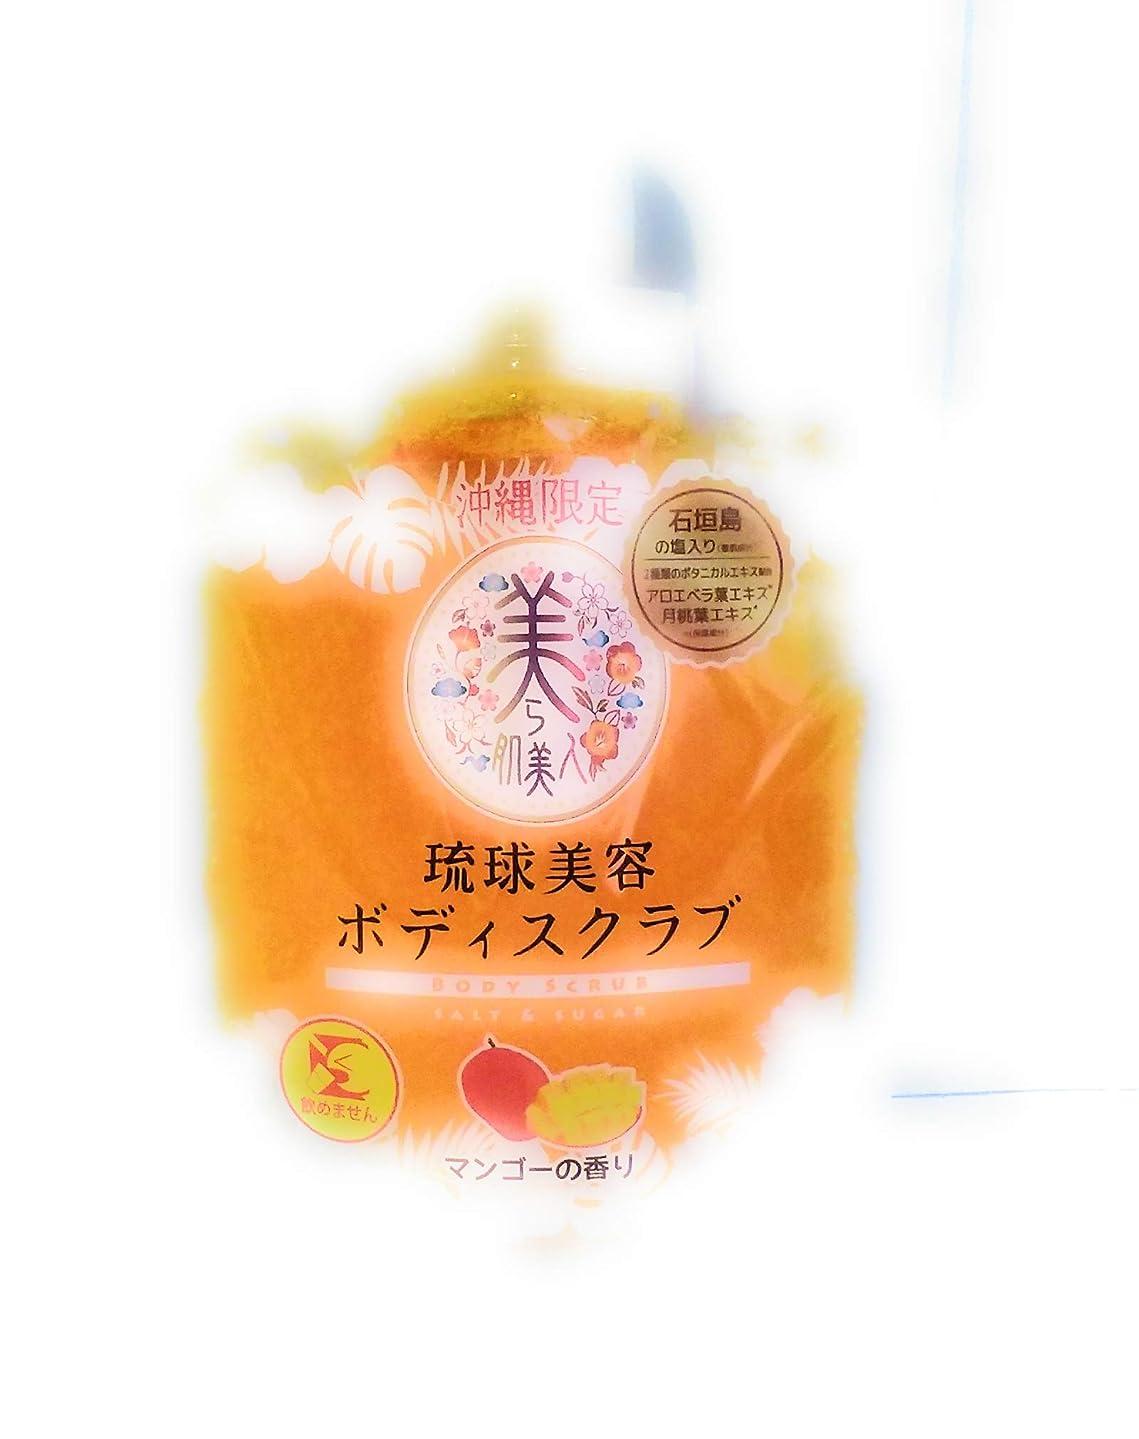 ペン神経衰弱用心する沖縄限定 美ら肌美人 琉球美容ボディスクラブ マンゴーの香り